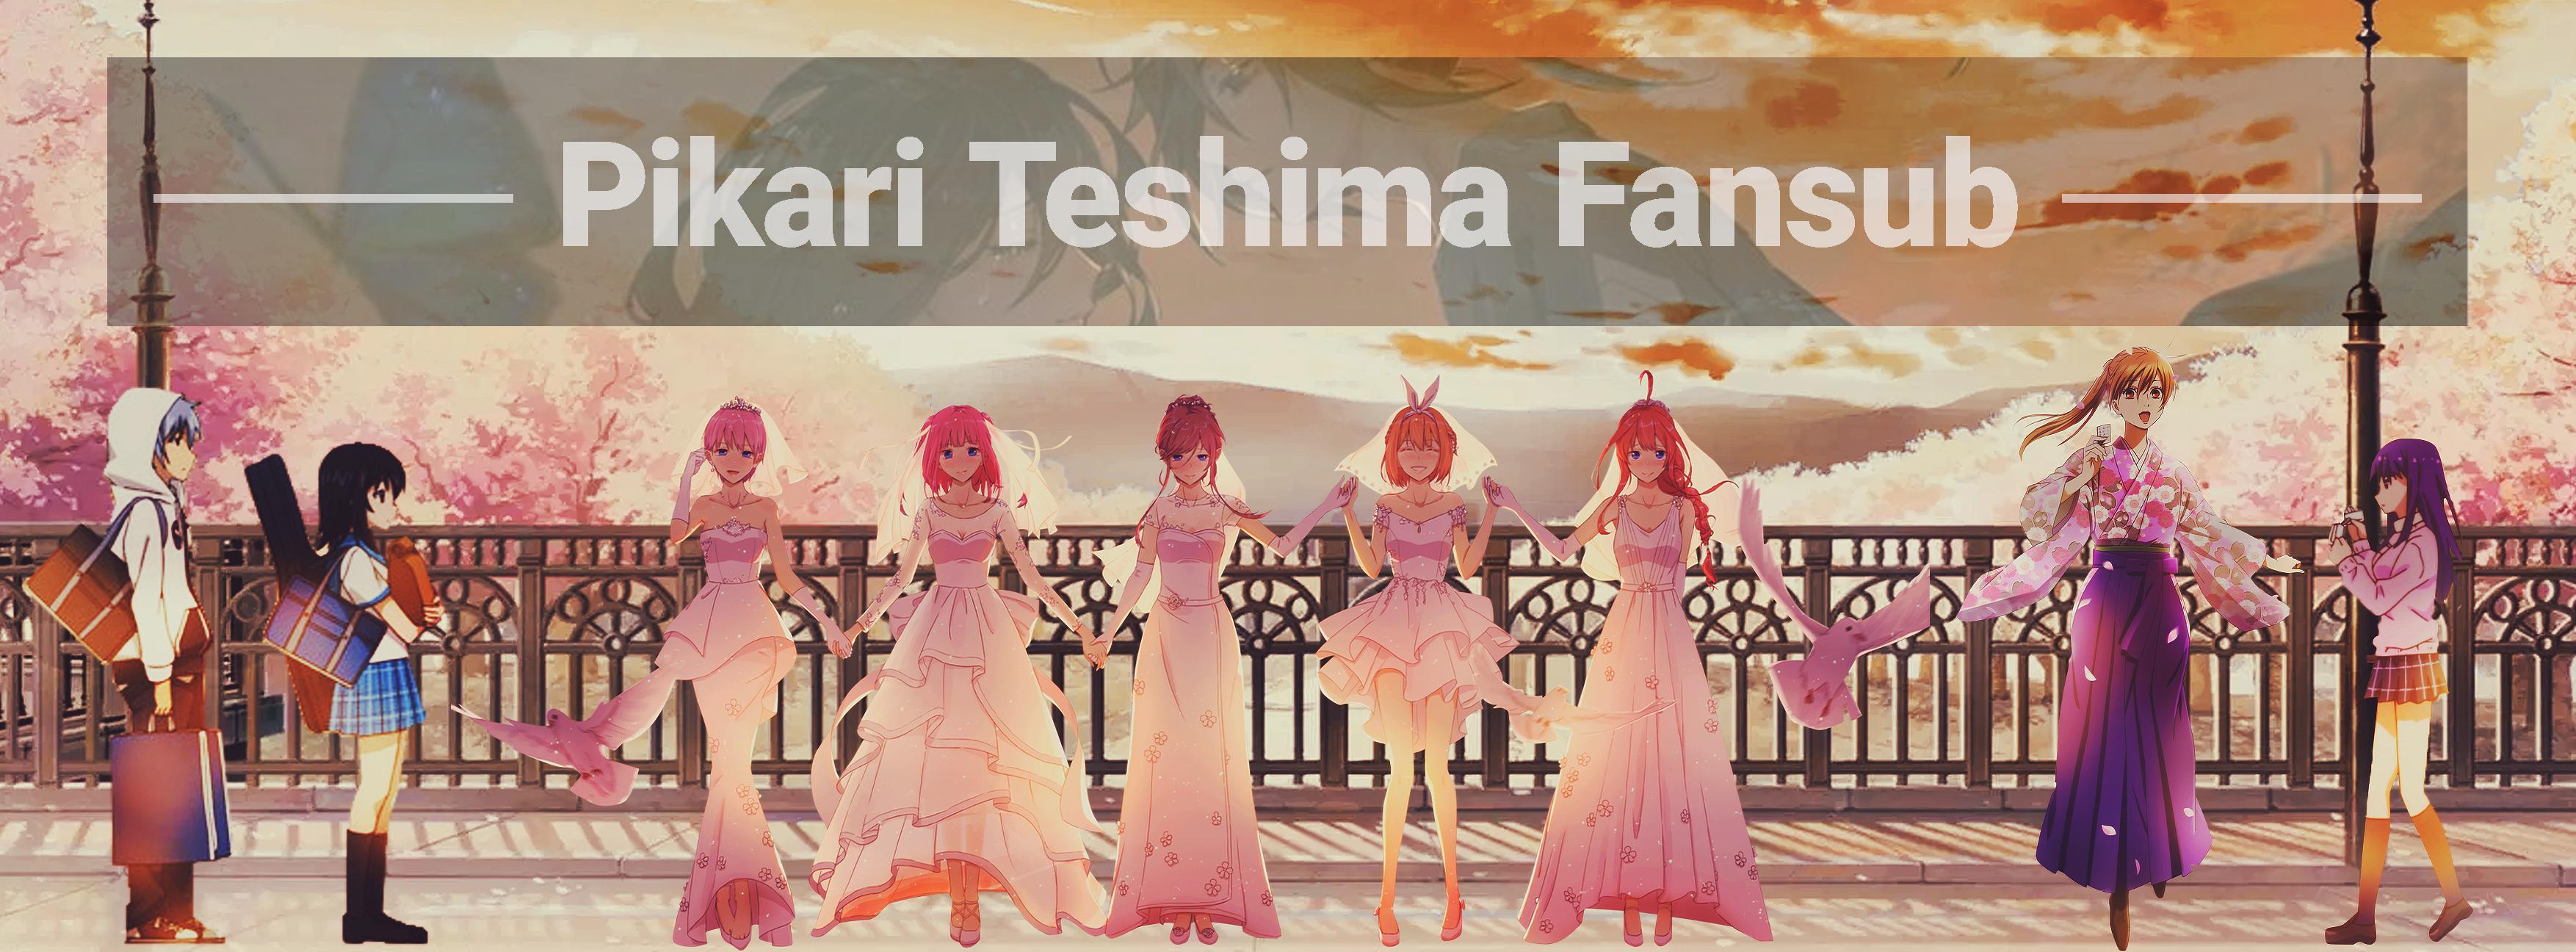 Bannière Pikari Teshima